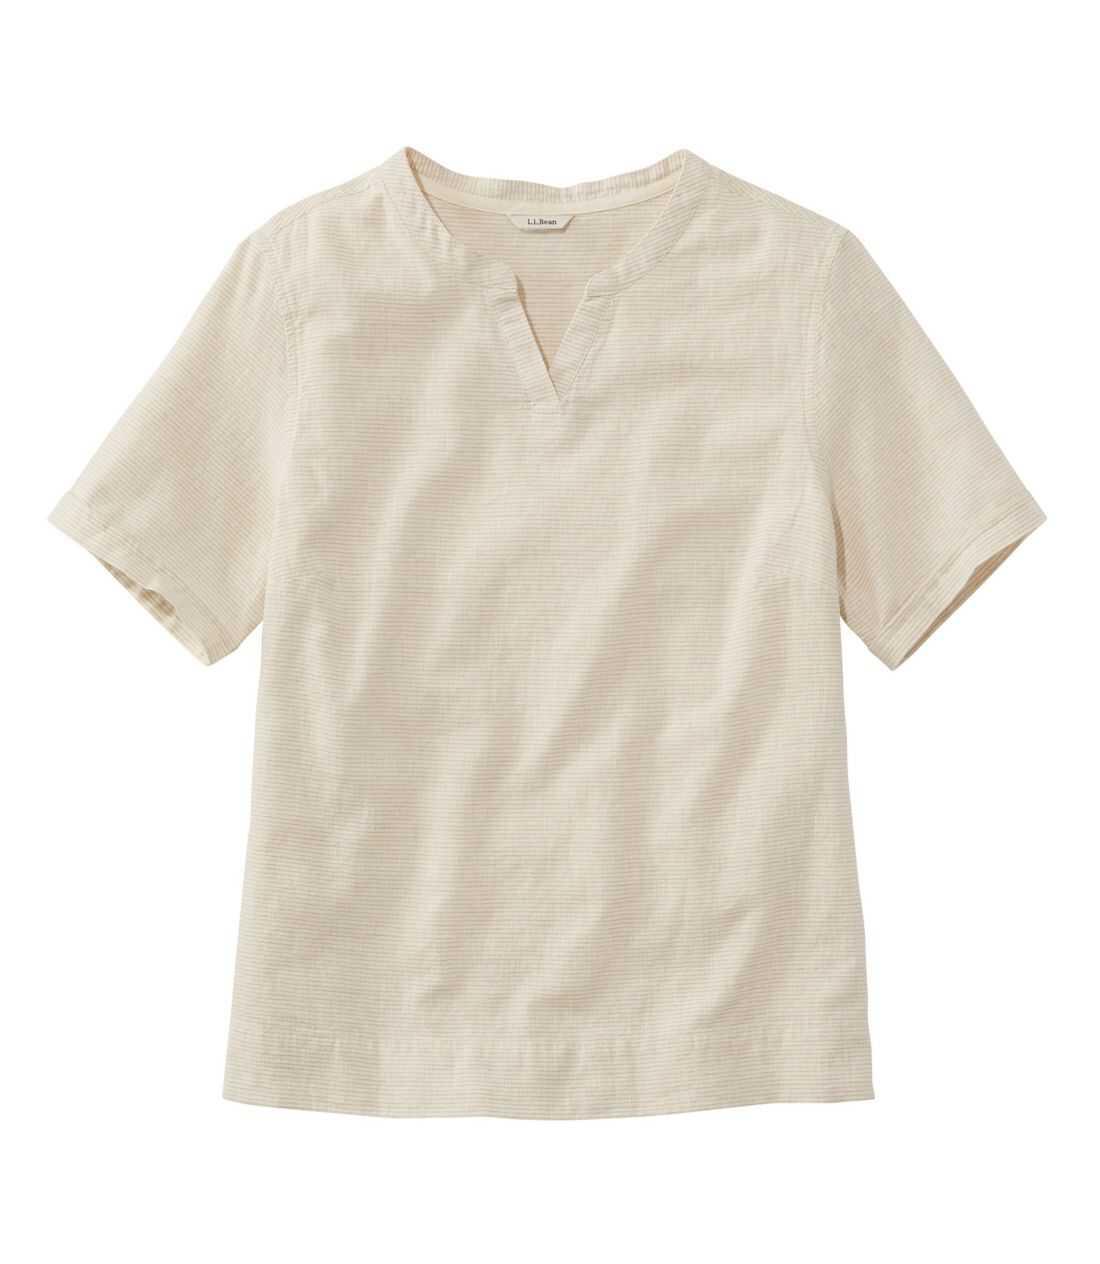 テクスチャード・リネン/コットン・シャツ、半袖 ストライプ